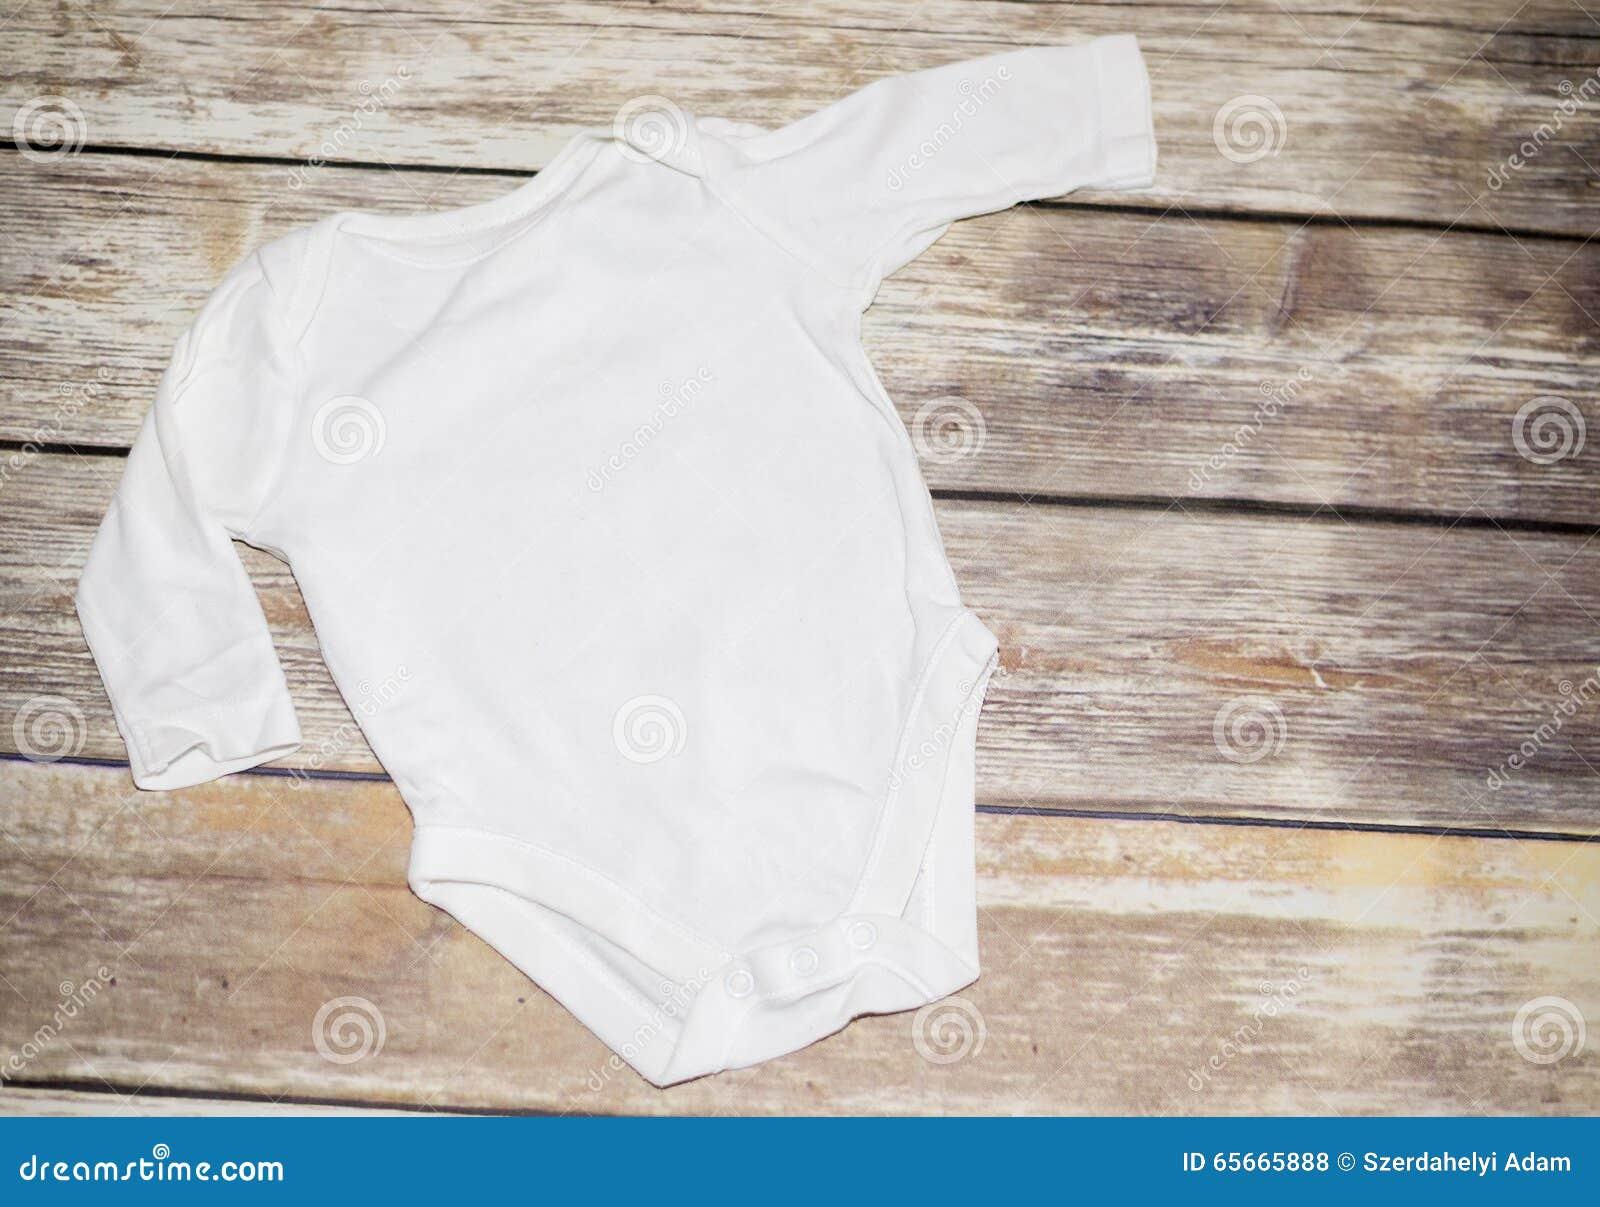 27ea2f3a4907 Mono blanco del bebé foto de archivo. Imagen de funda - 65665888